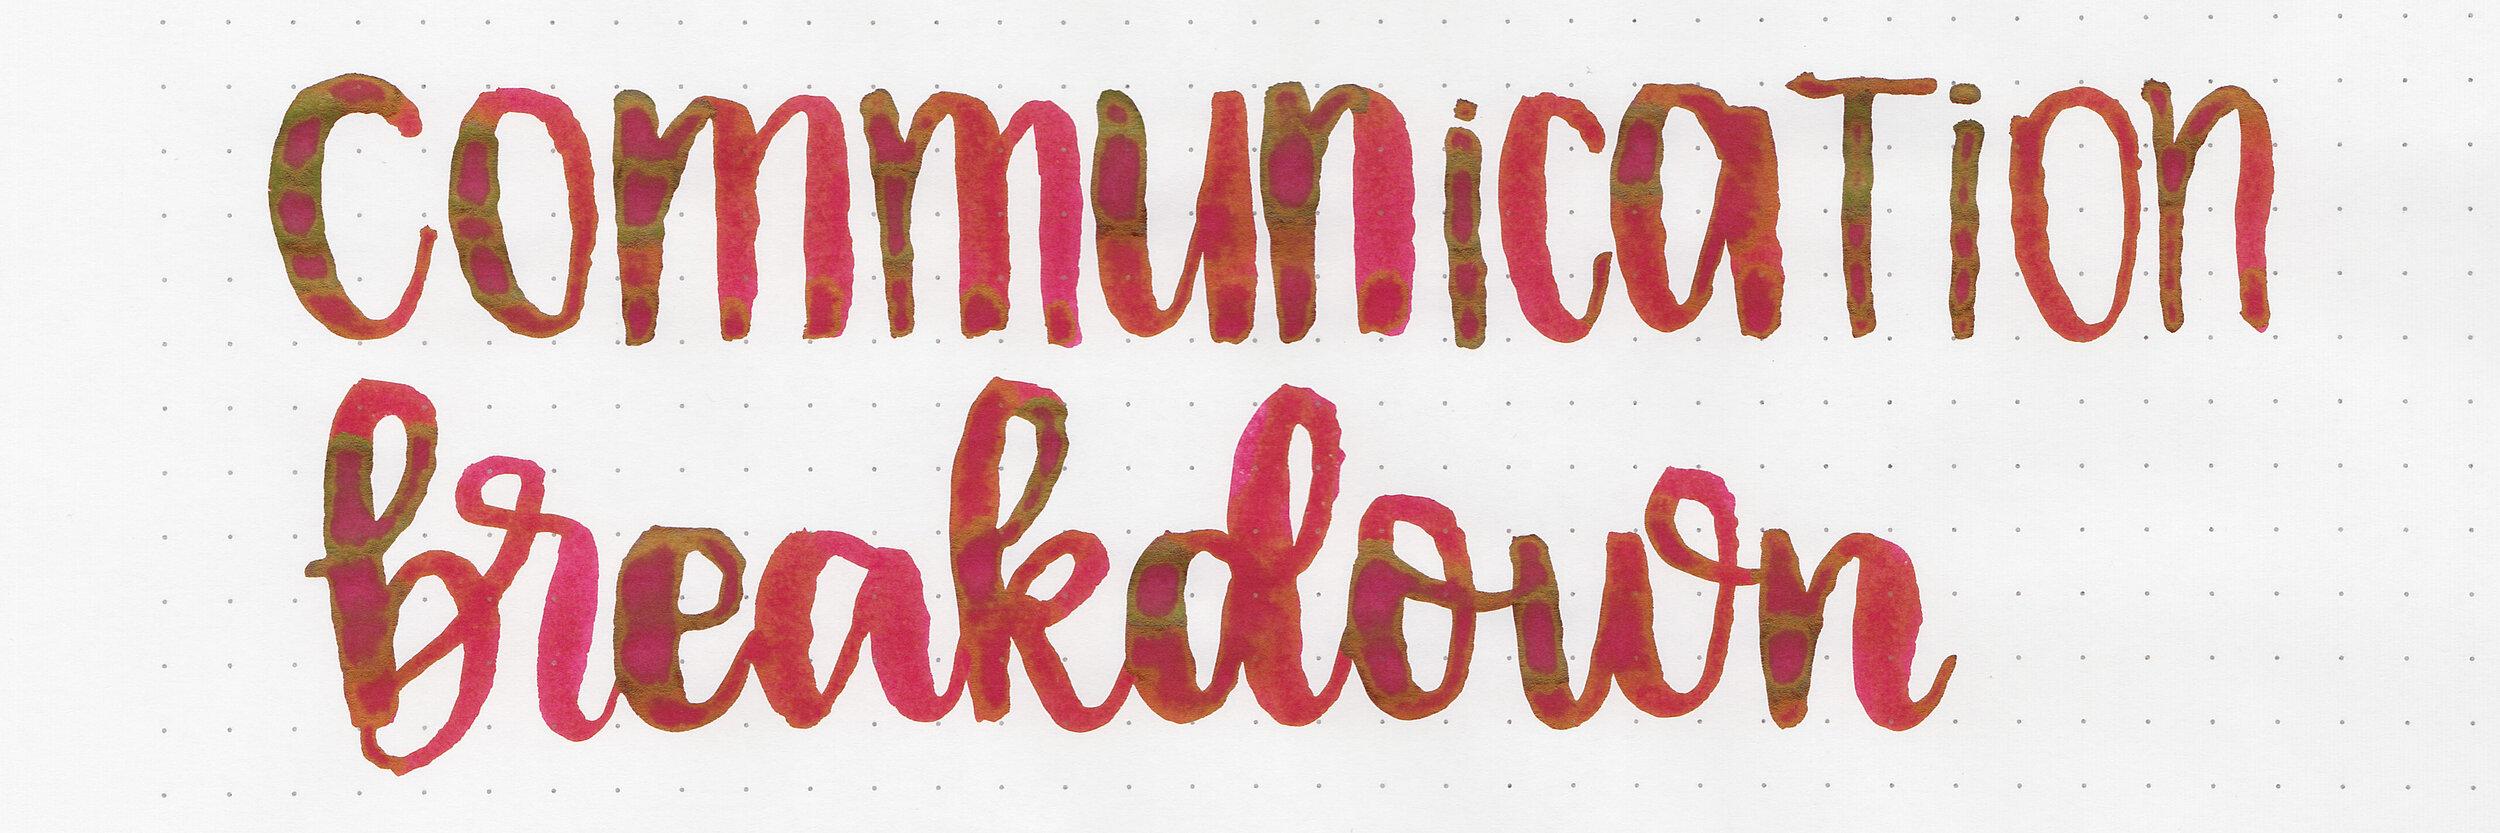 d-communication-breakdown-2.jpg